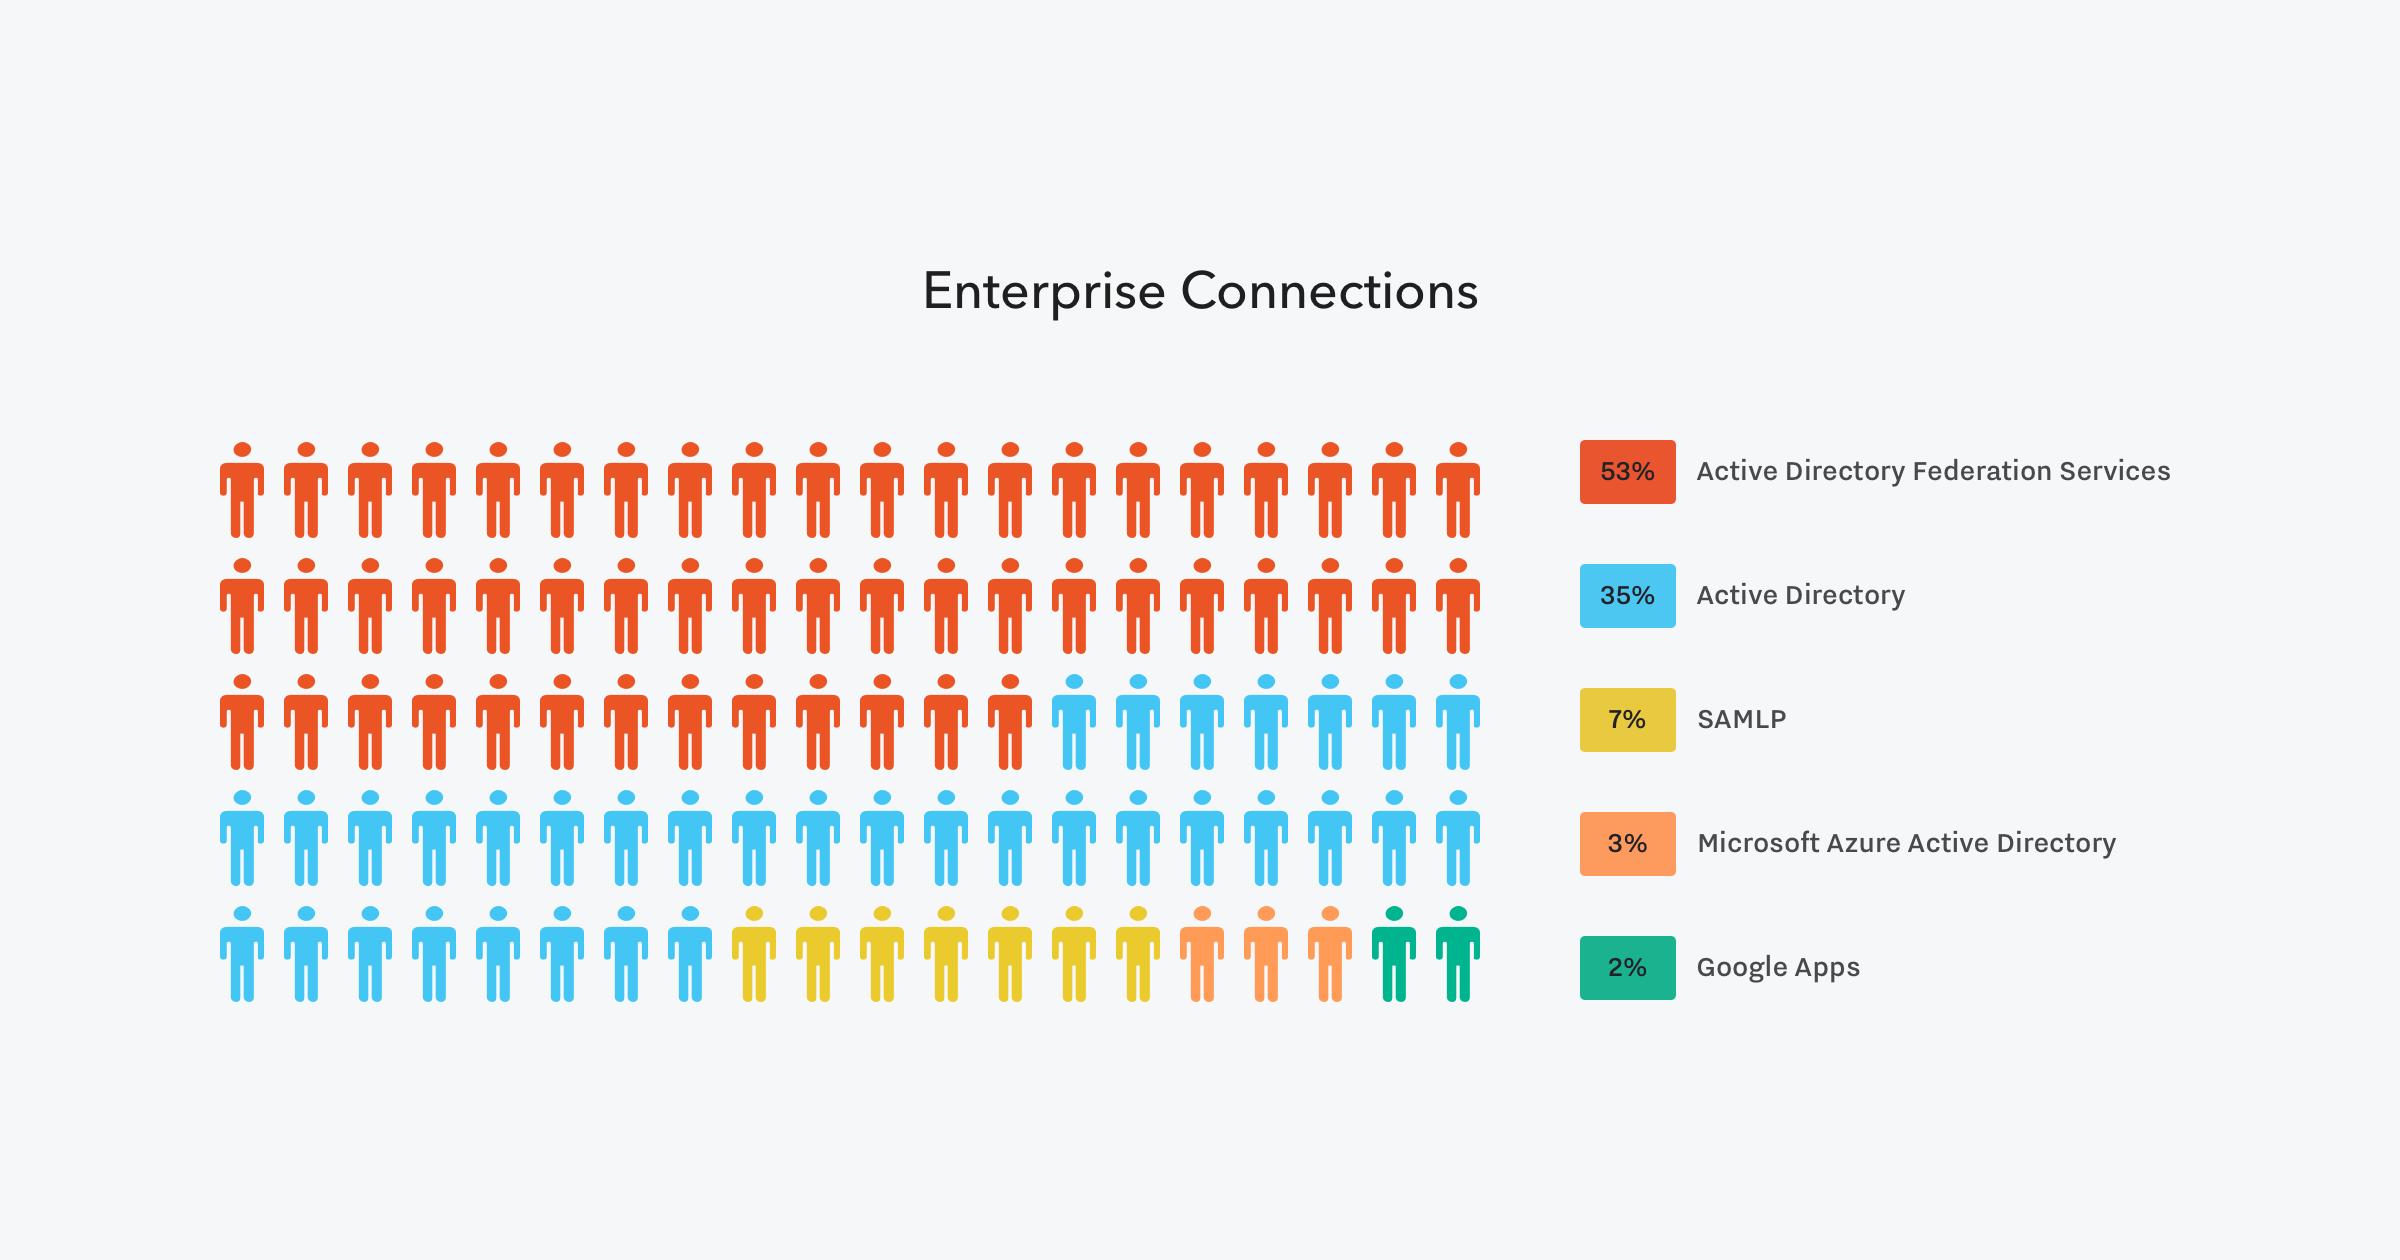 Enterprise Connections Usage